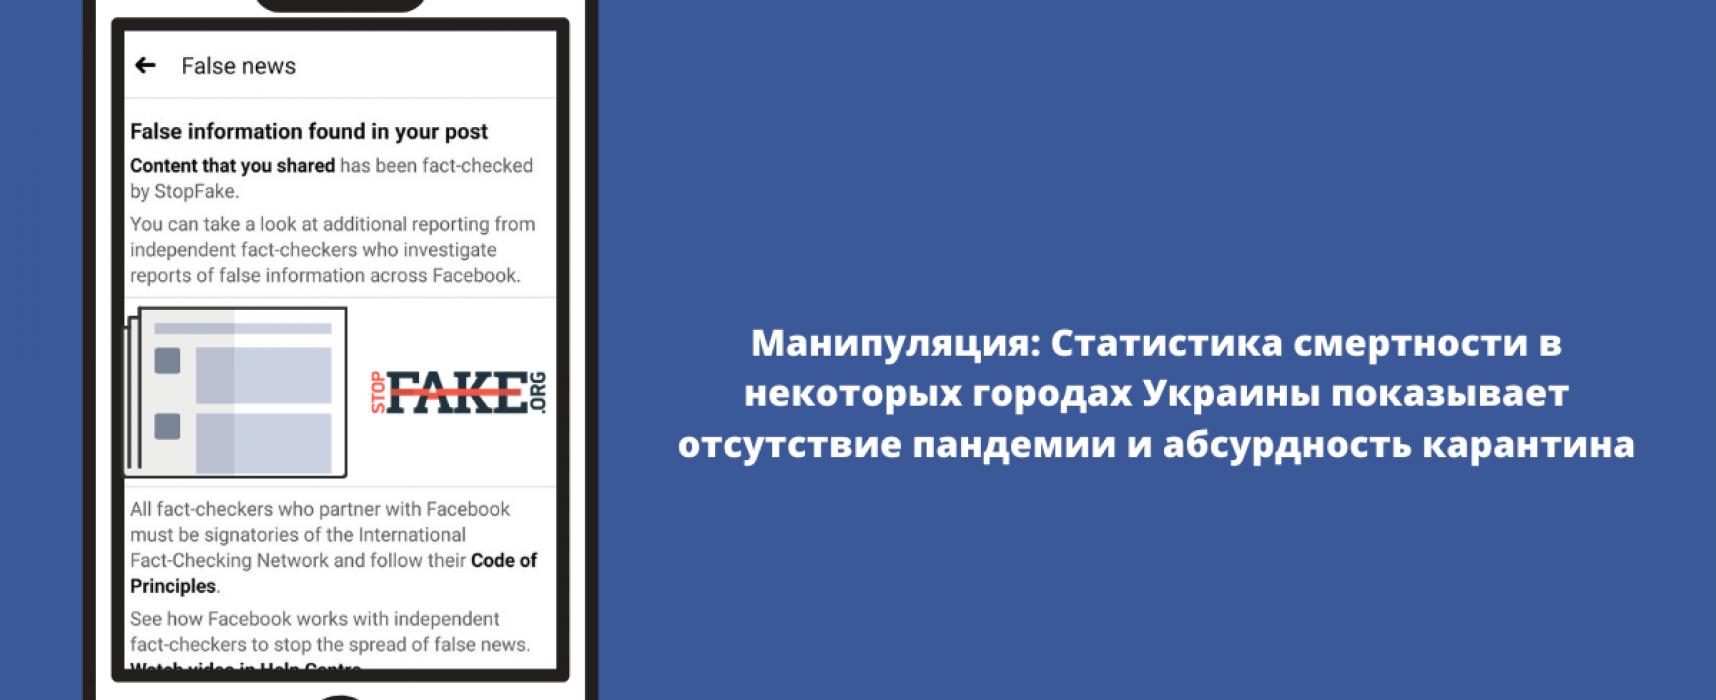 Манипуляция: Статистика смертности в некоторых городах Украины показывает отсутствие пандемии и абсурдность карантина